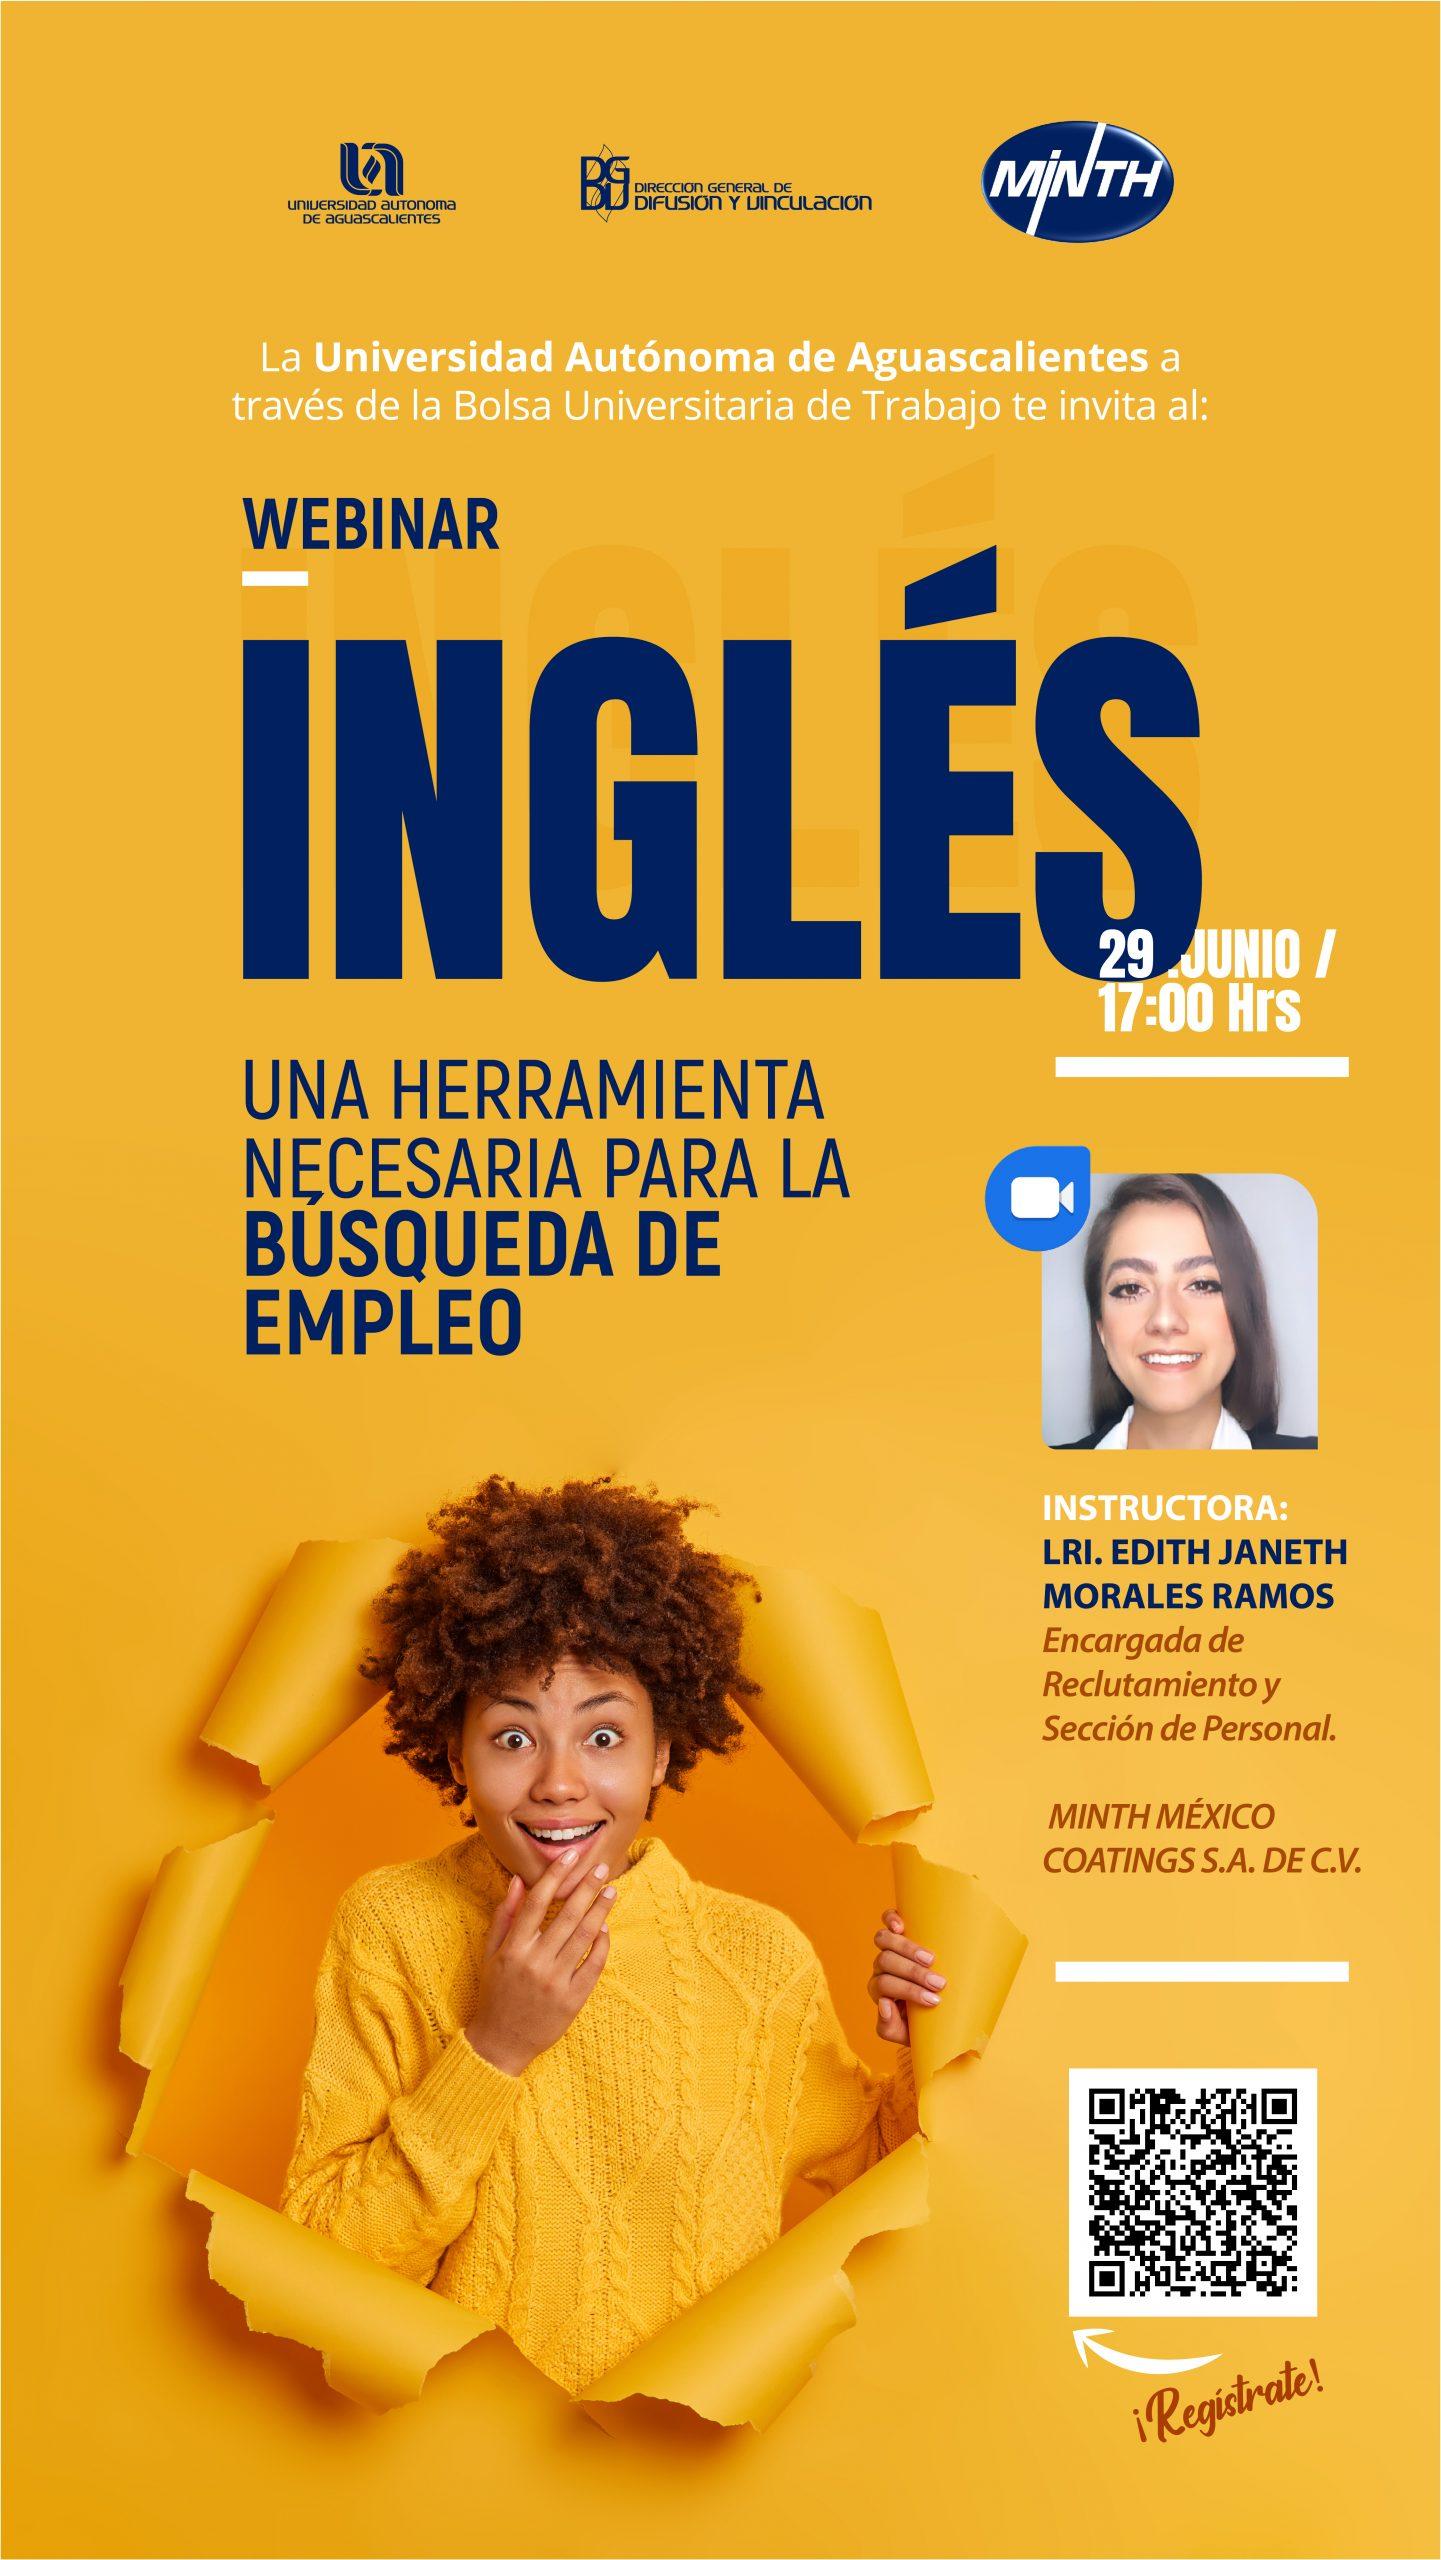 Webinar Inglés una herramienta necesaria para la Búsqueda de empleo